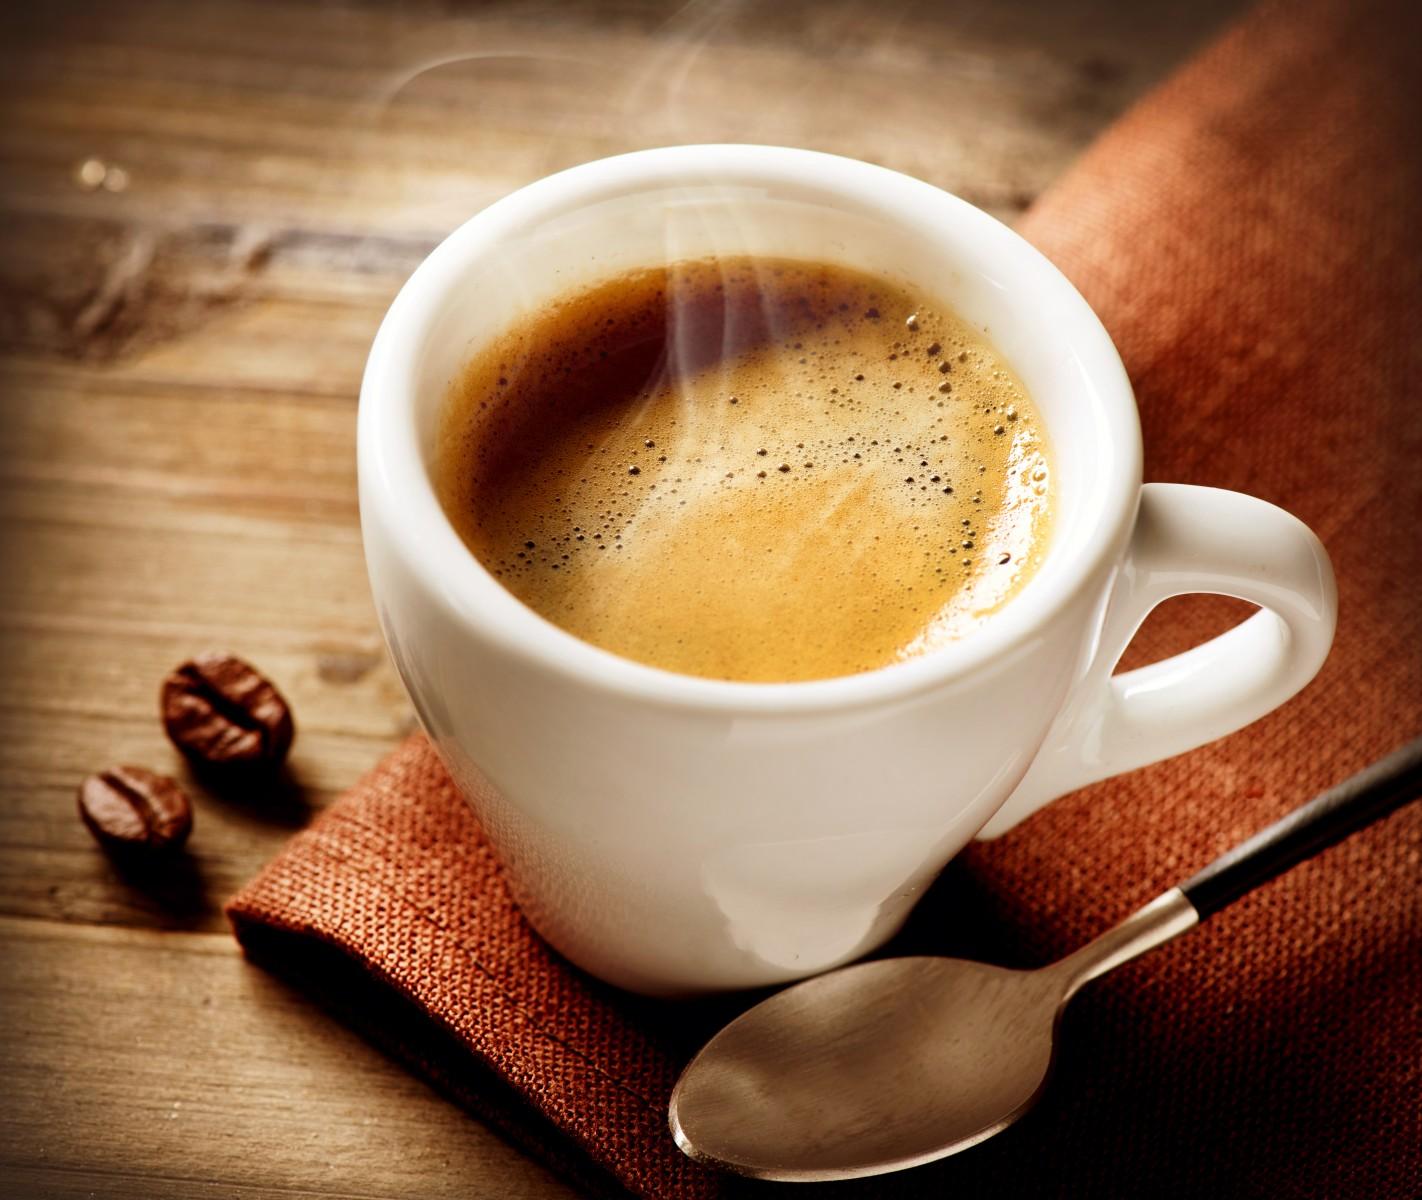 Ly cà phê sữa tươi tỏa hương thơm đậm đà